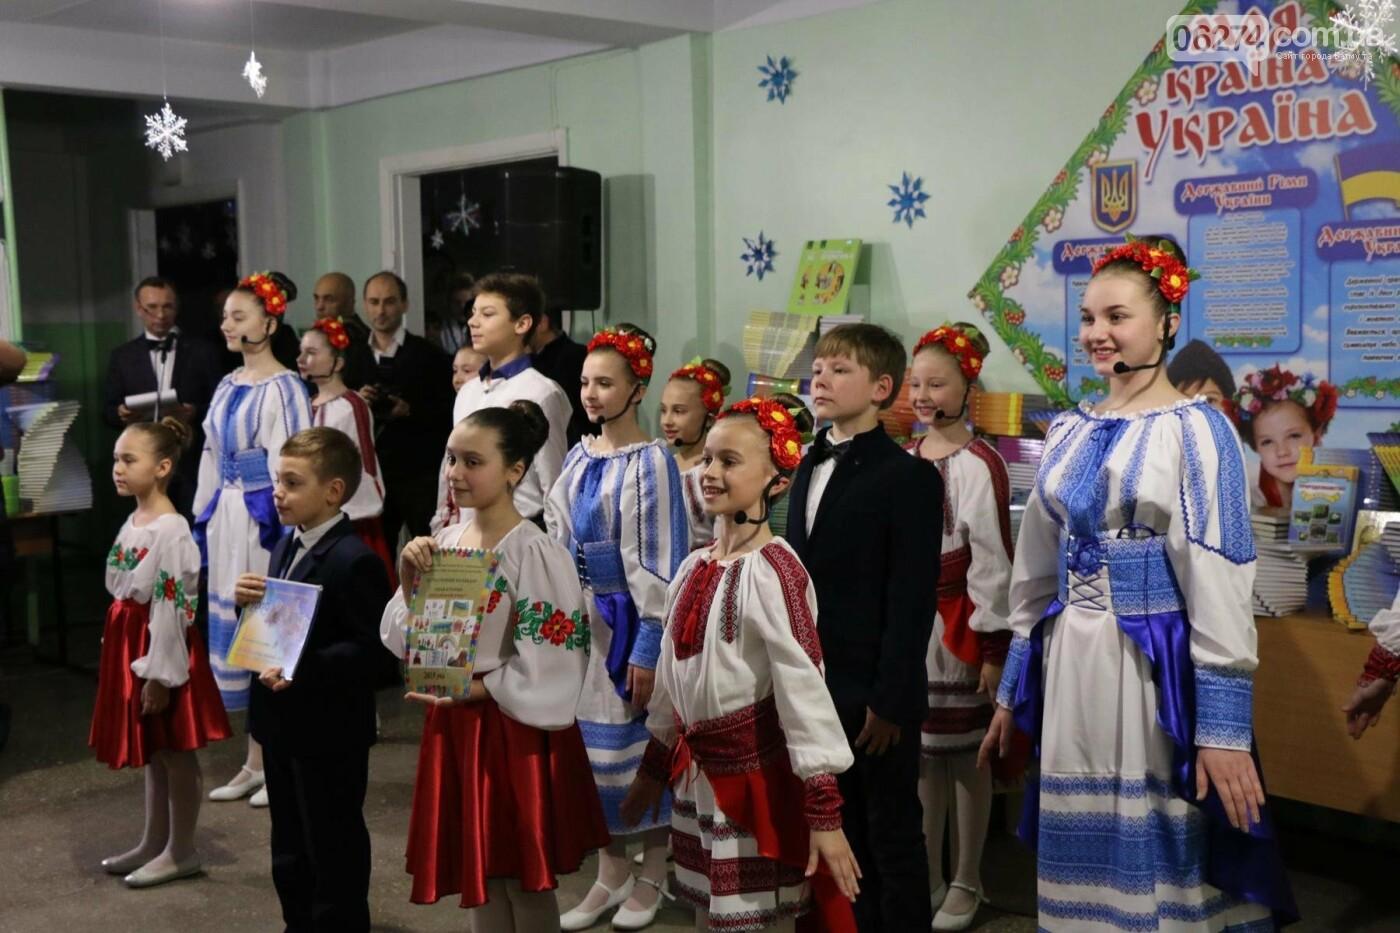 Президент Украины Петр Порошенко посетил Бахмут (ДОБАВЛЕНО ФОТО), фото-12